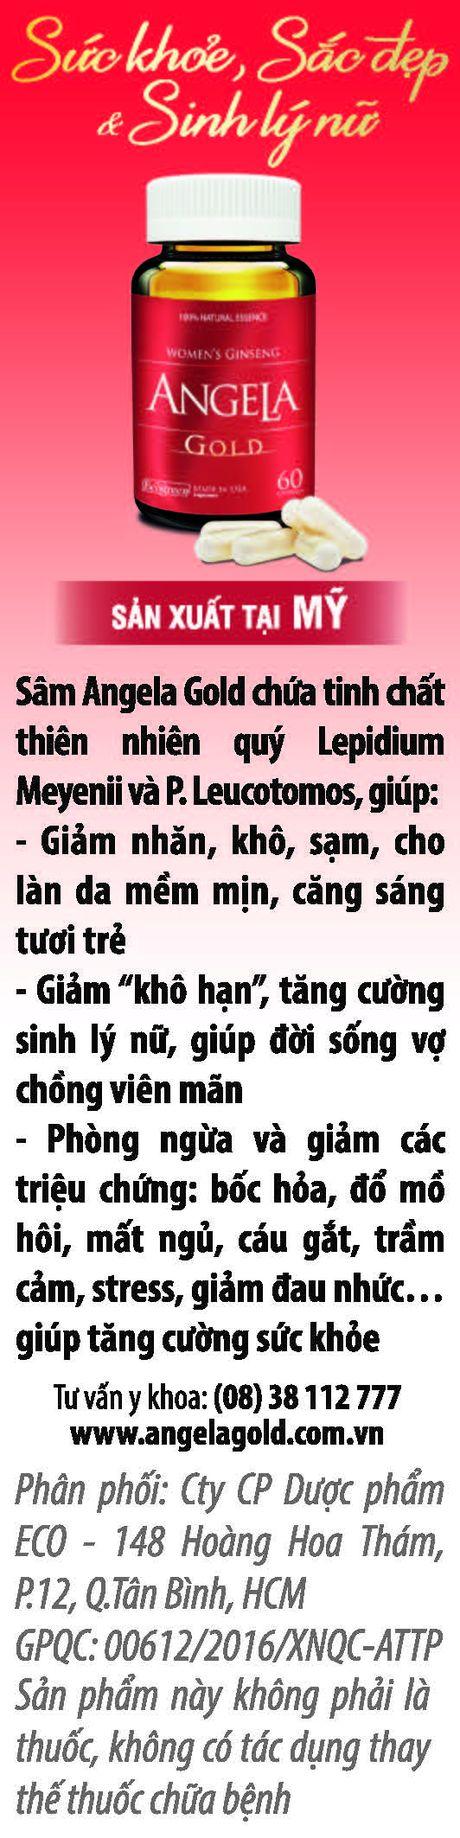 Lanh roi, thuong lay… lan da cua vo - Anh 2